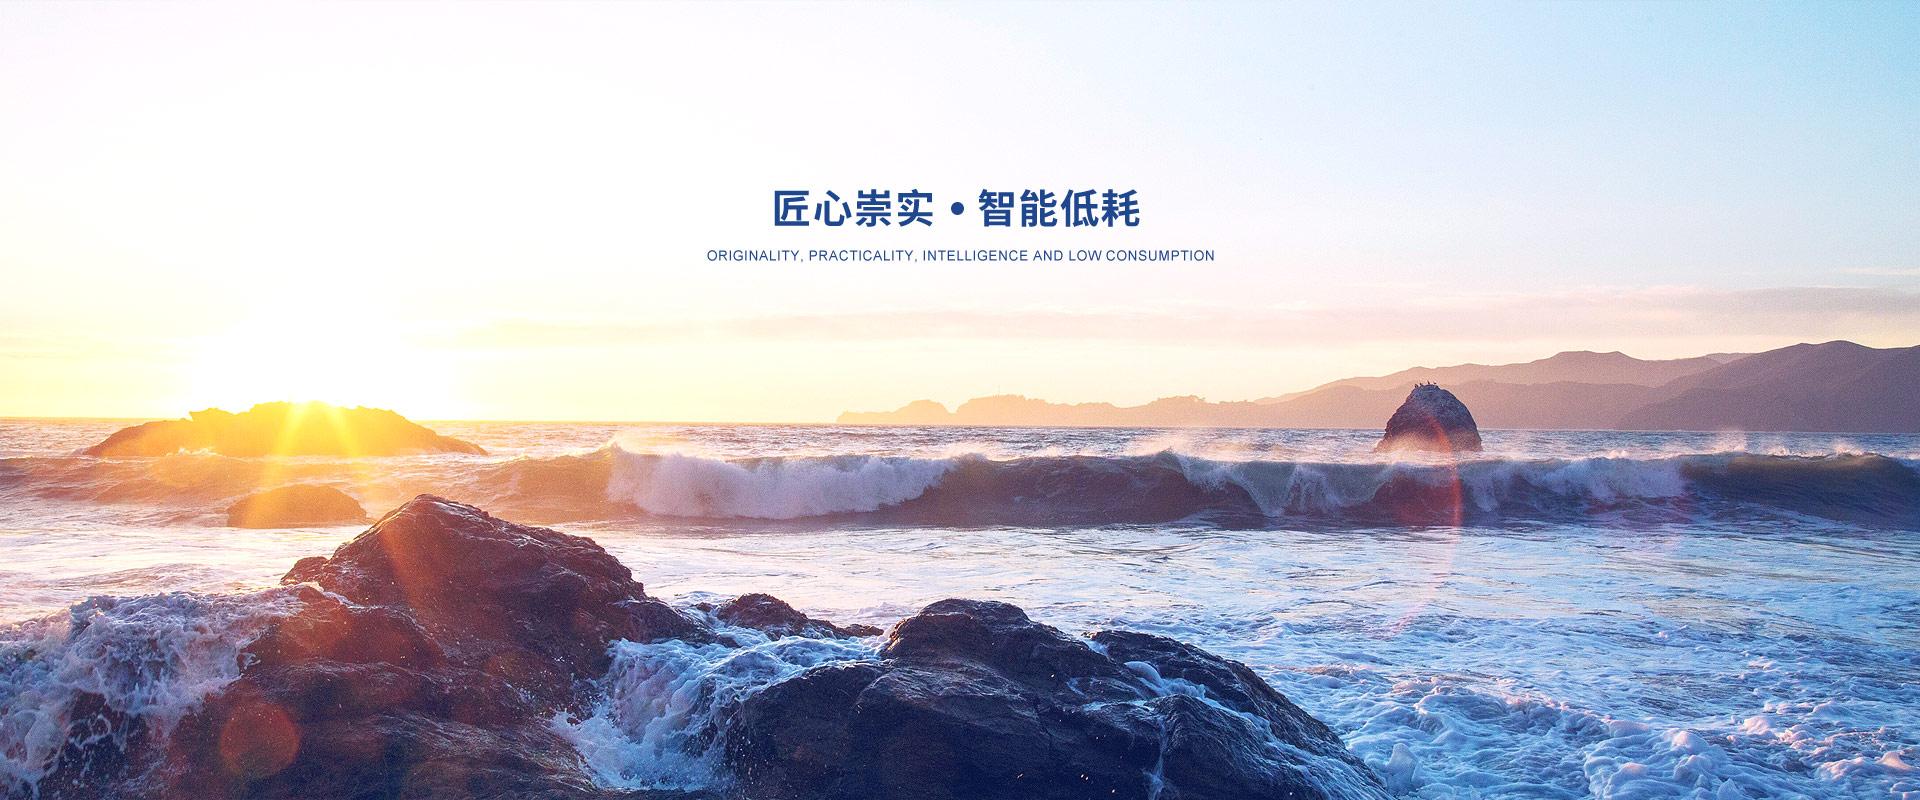 中船万博手机版官方网站